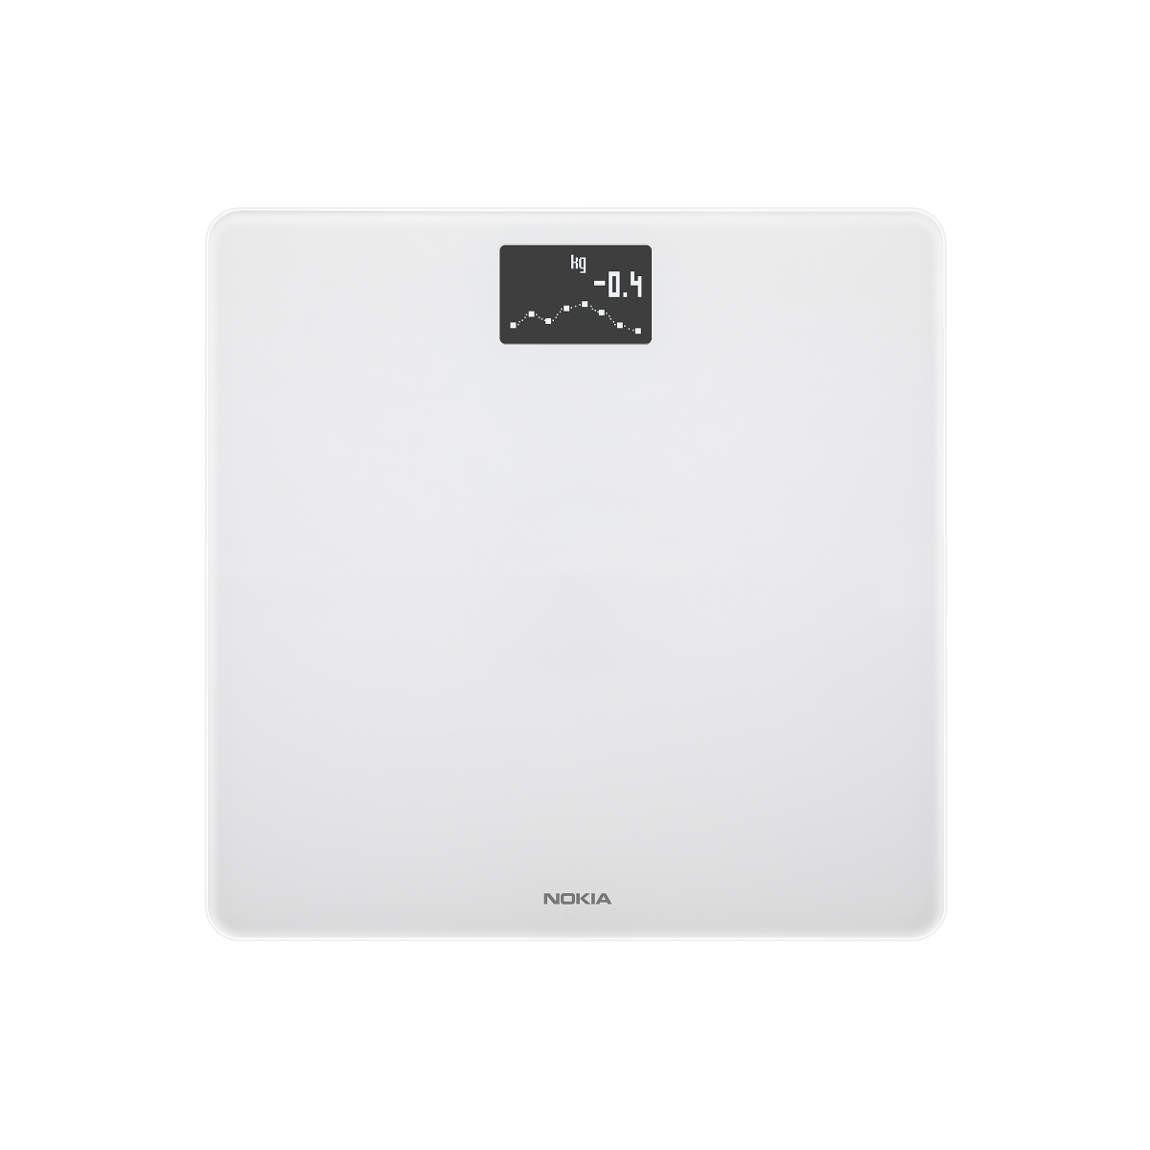 Nokia Body - WLAN-Körperwaage mit BMI-Funktion - Weiß